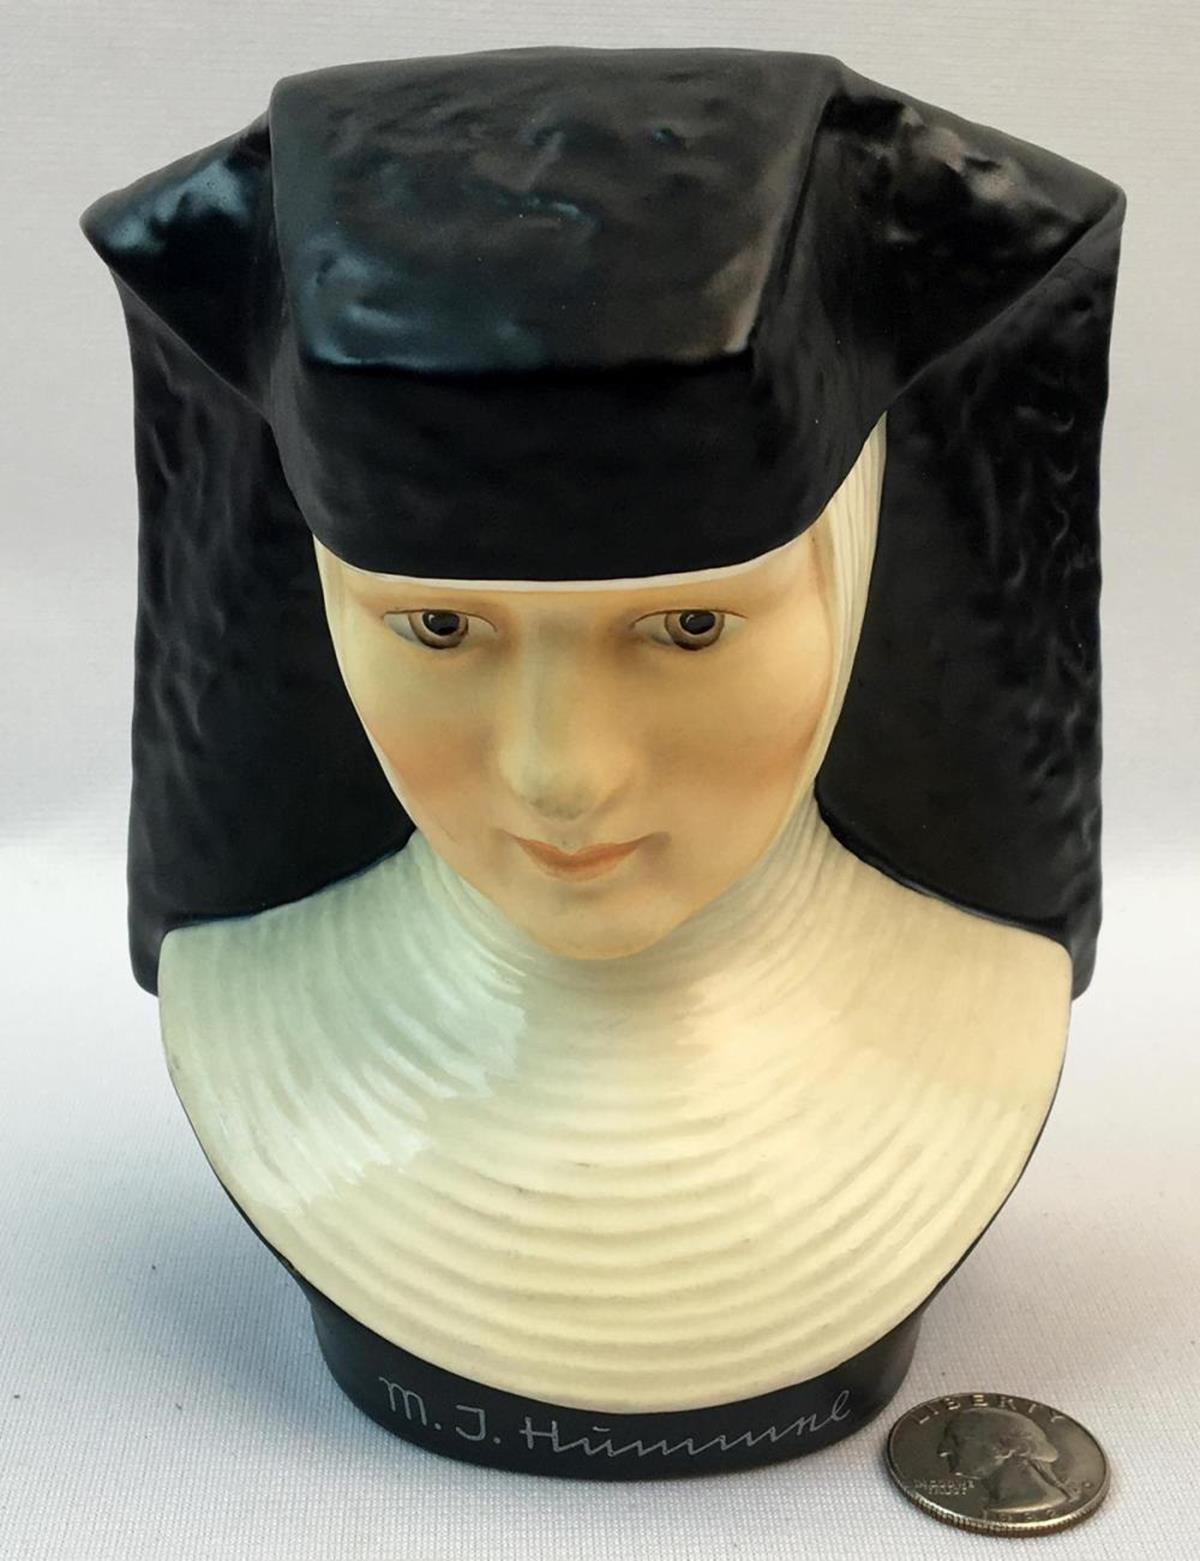 Vintage 1978 Goebel Sister Nun Berta Hummel Bust Exclusive Special Edition No. 3